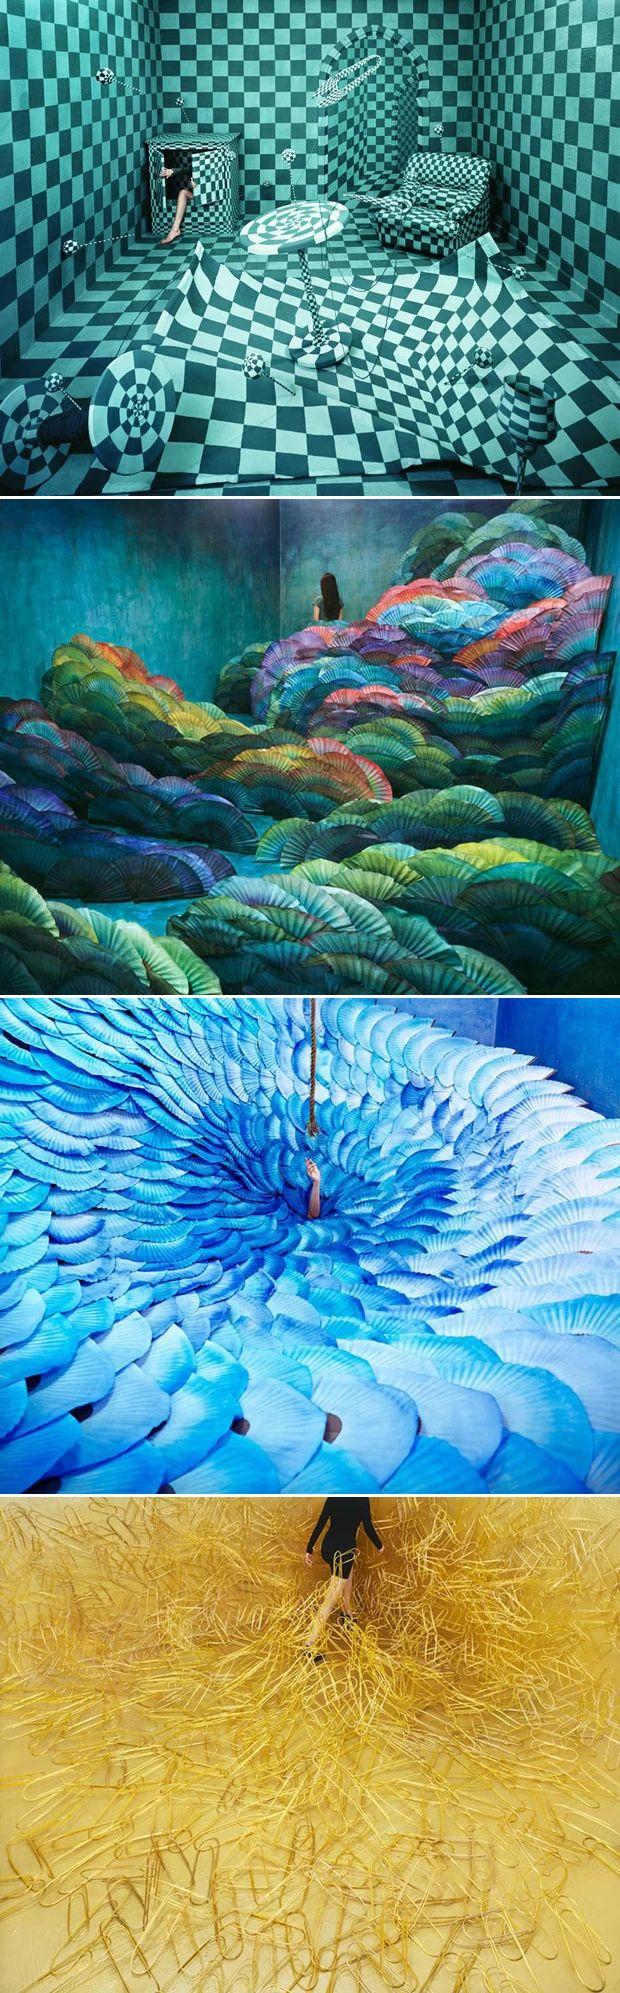 A artista coreana Jee Young Lee faz tudo sozinha, em um estúdio minúsculo localizado em Seul, com cerca de inacreditáveis 12 m2 -, que se transforma a cada cenário de sonhos. Depois que a paisagem está pronta, ela faz auto-retratos, se posicionando em meio às suas criações. As ideias sempre têm origem em sua identidade psicológica, em contos de fada coreanos ou em histórias marcantes de sua vida pessoal, que depois viram arte em suas mãos.